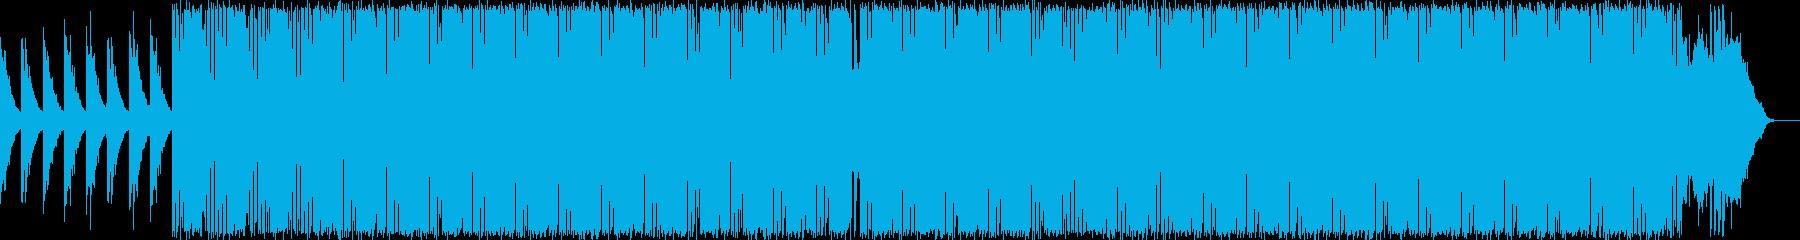 心に響くリフにソリッドなビートのインストの再生済みの波形